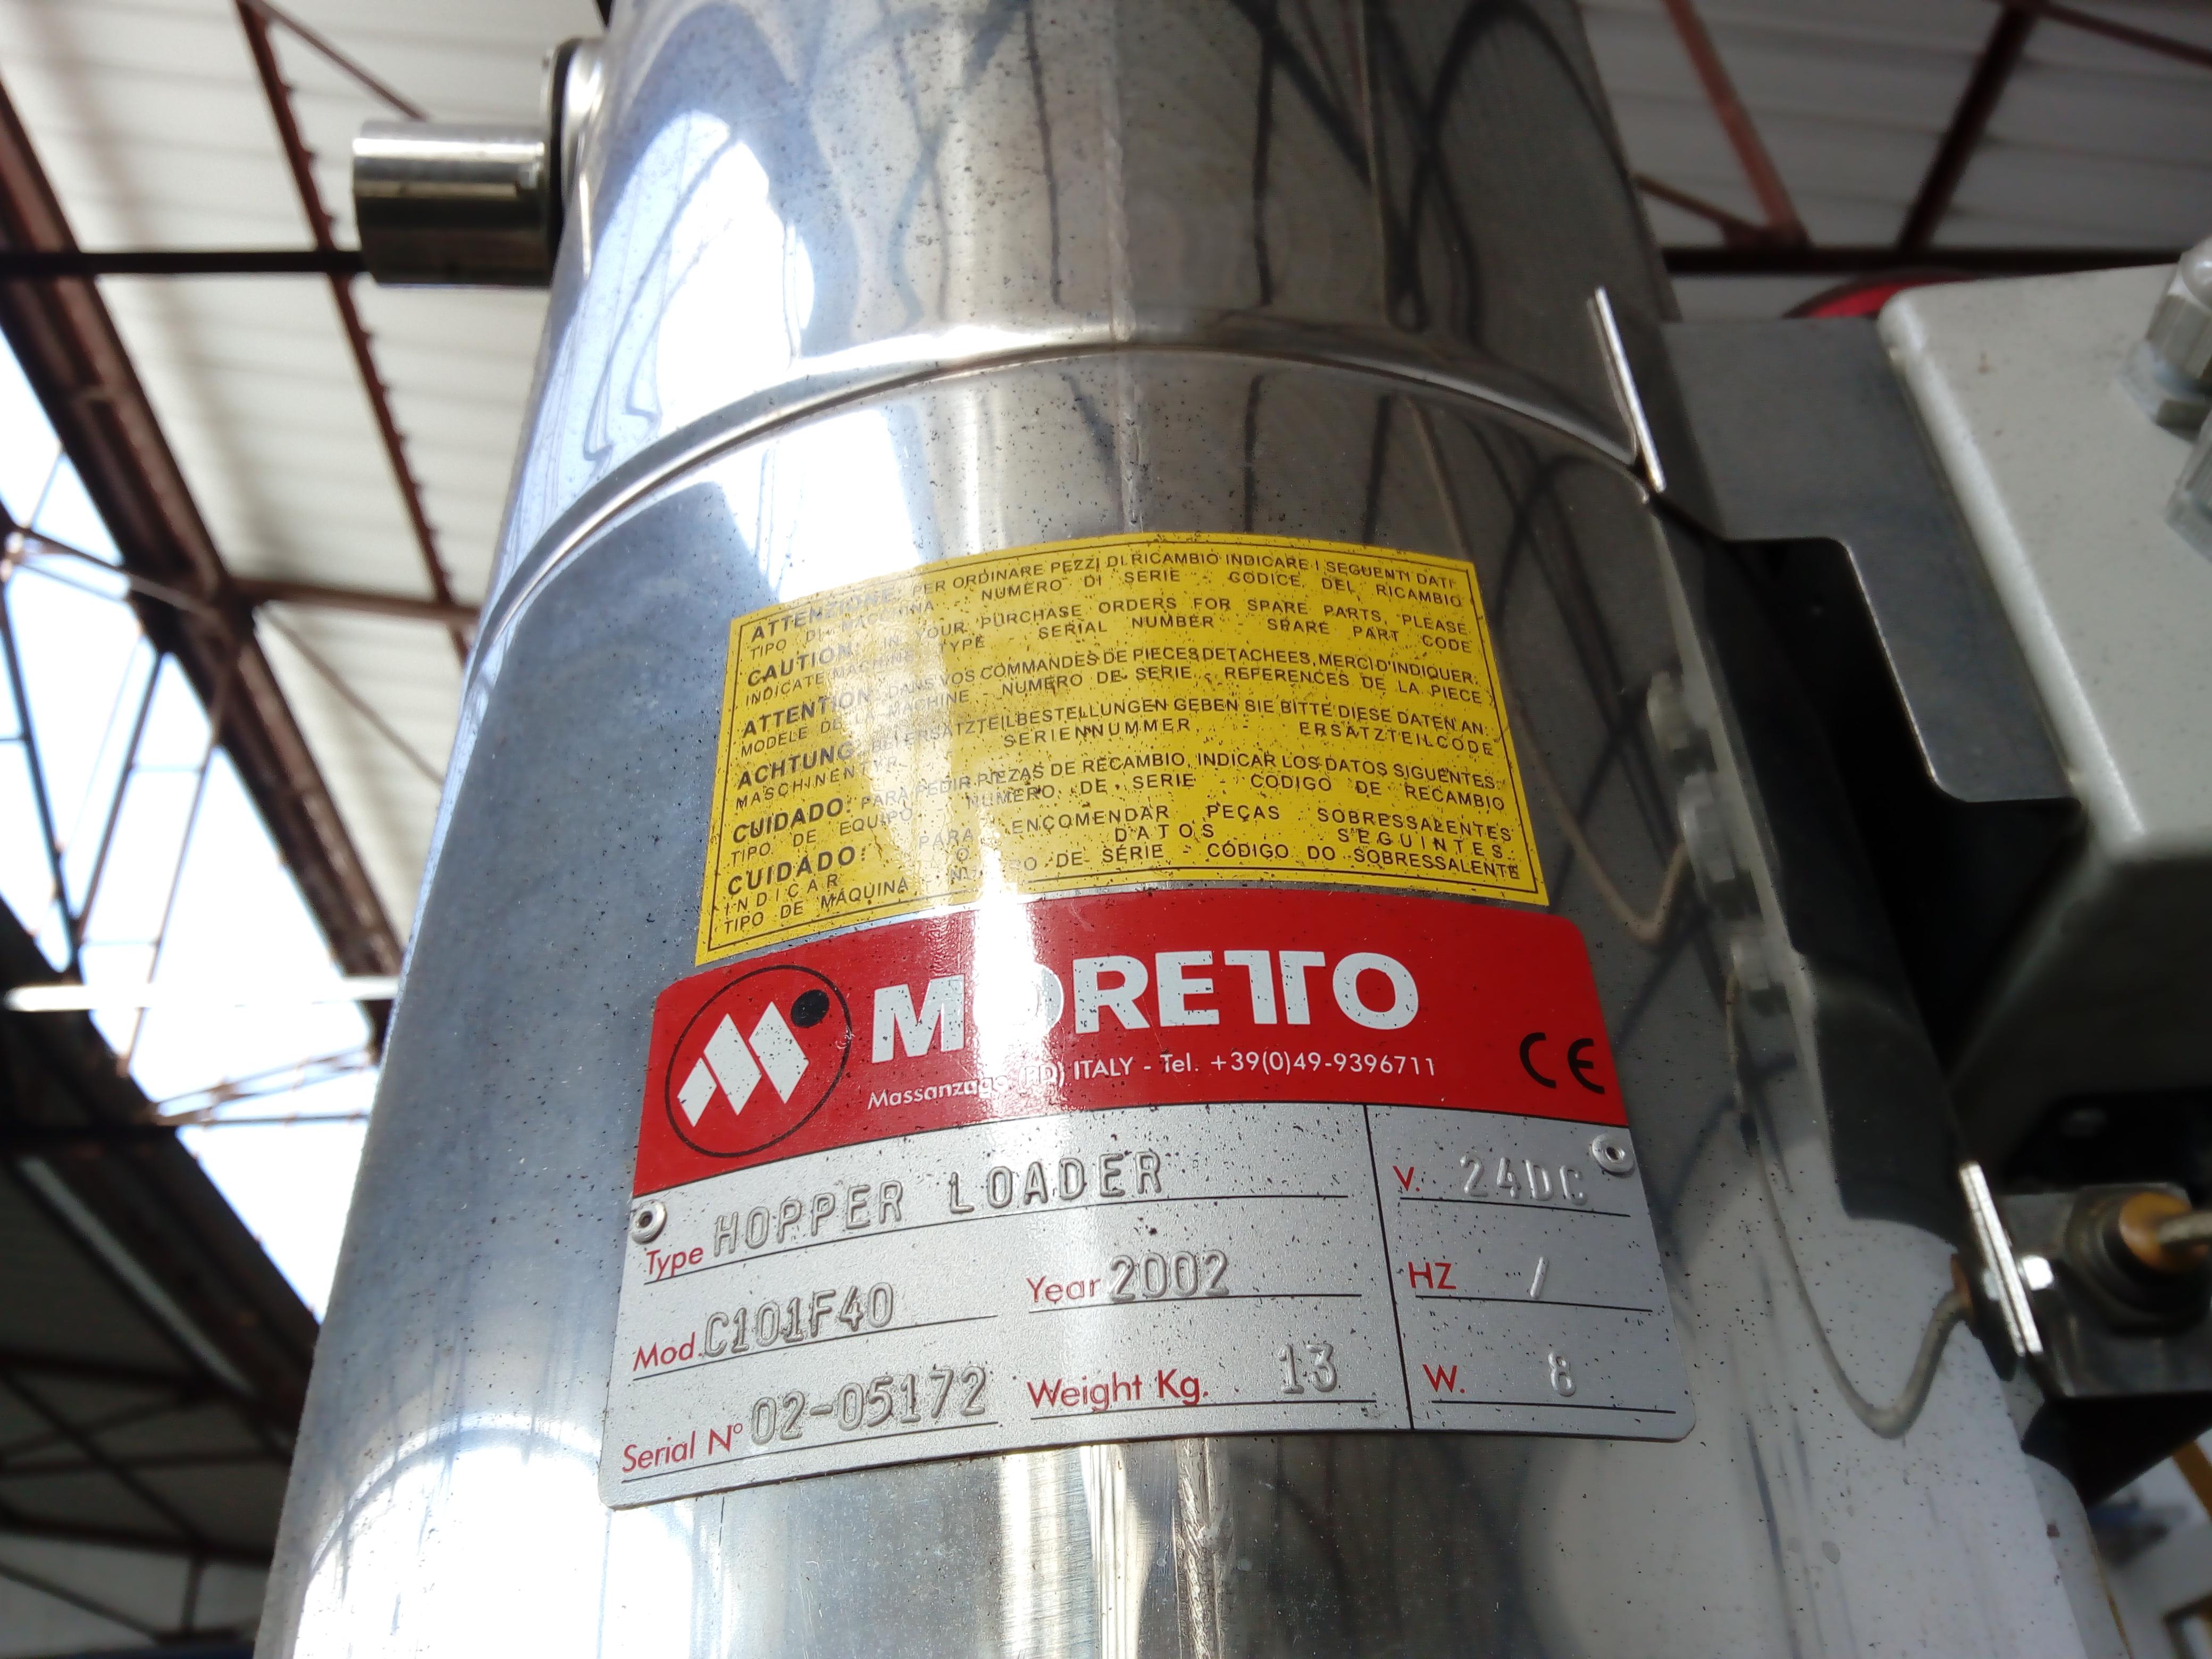 essiccatore 150 litri ed aspiratore in vendita - foto 1